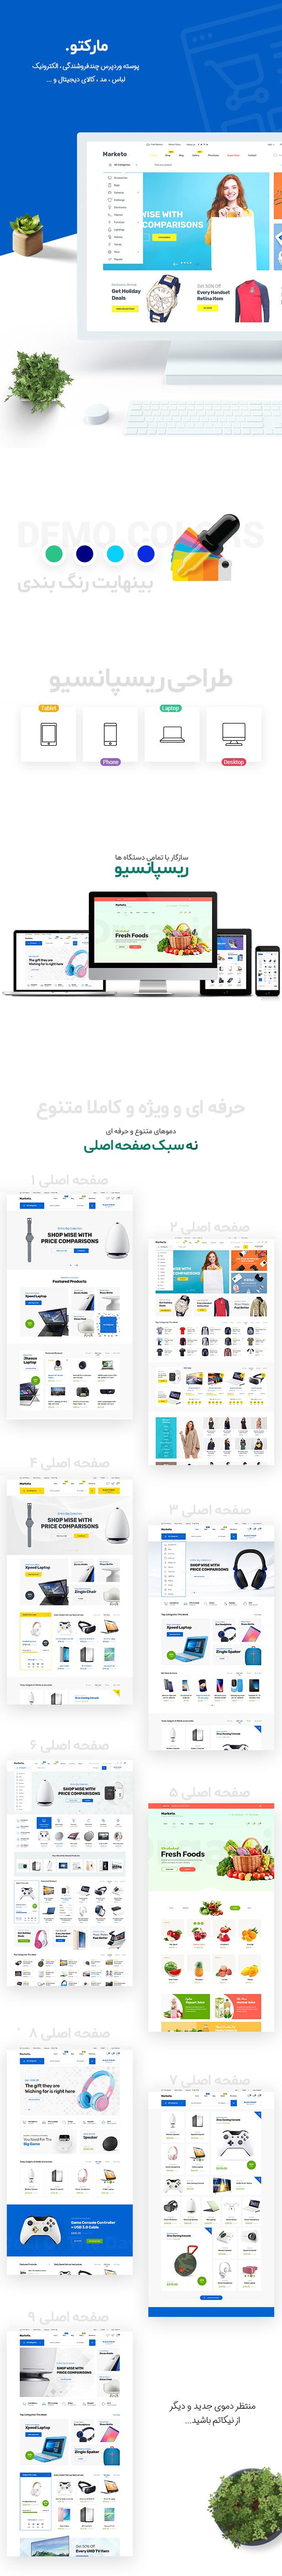 قالب وردپرس فروشگاهی و چندفروشندگی مارکتو | Marketo